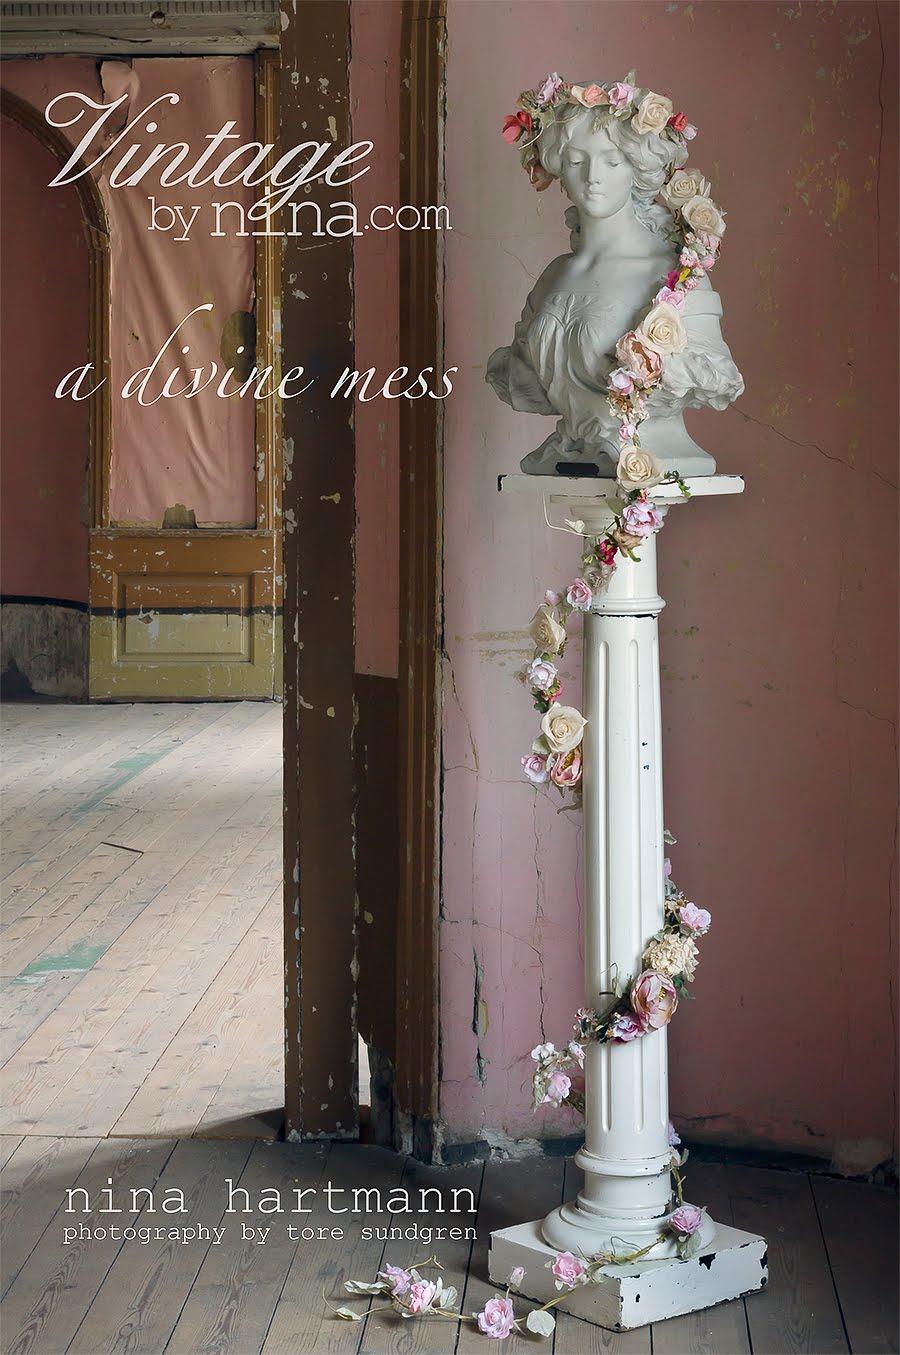 Maila om du vill förhandsboka Nina Hartmanns nya bok som utkommer i september.